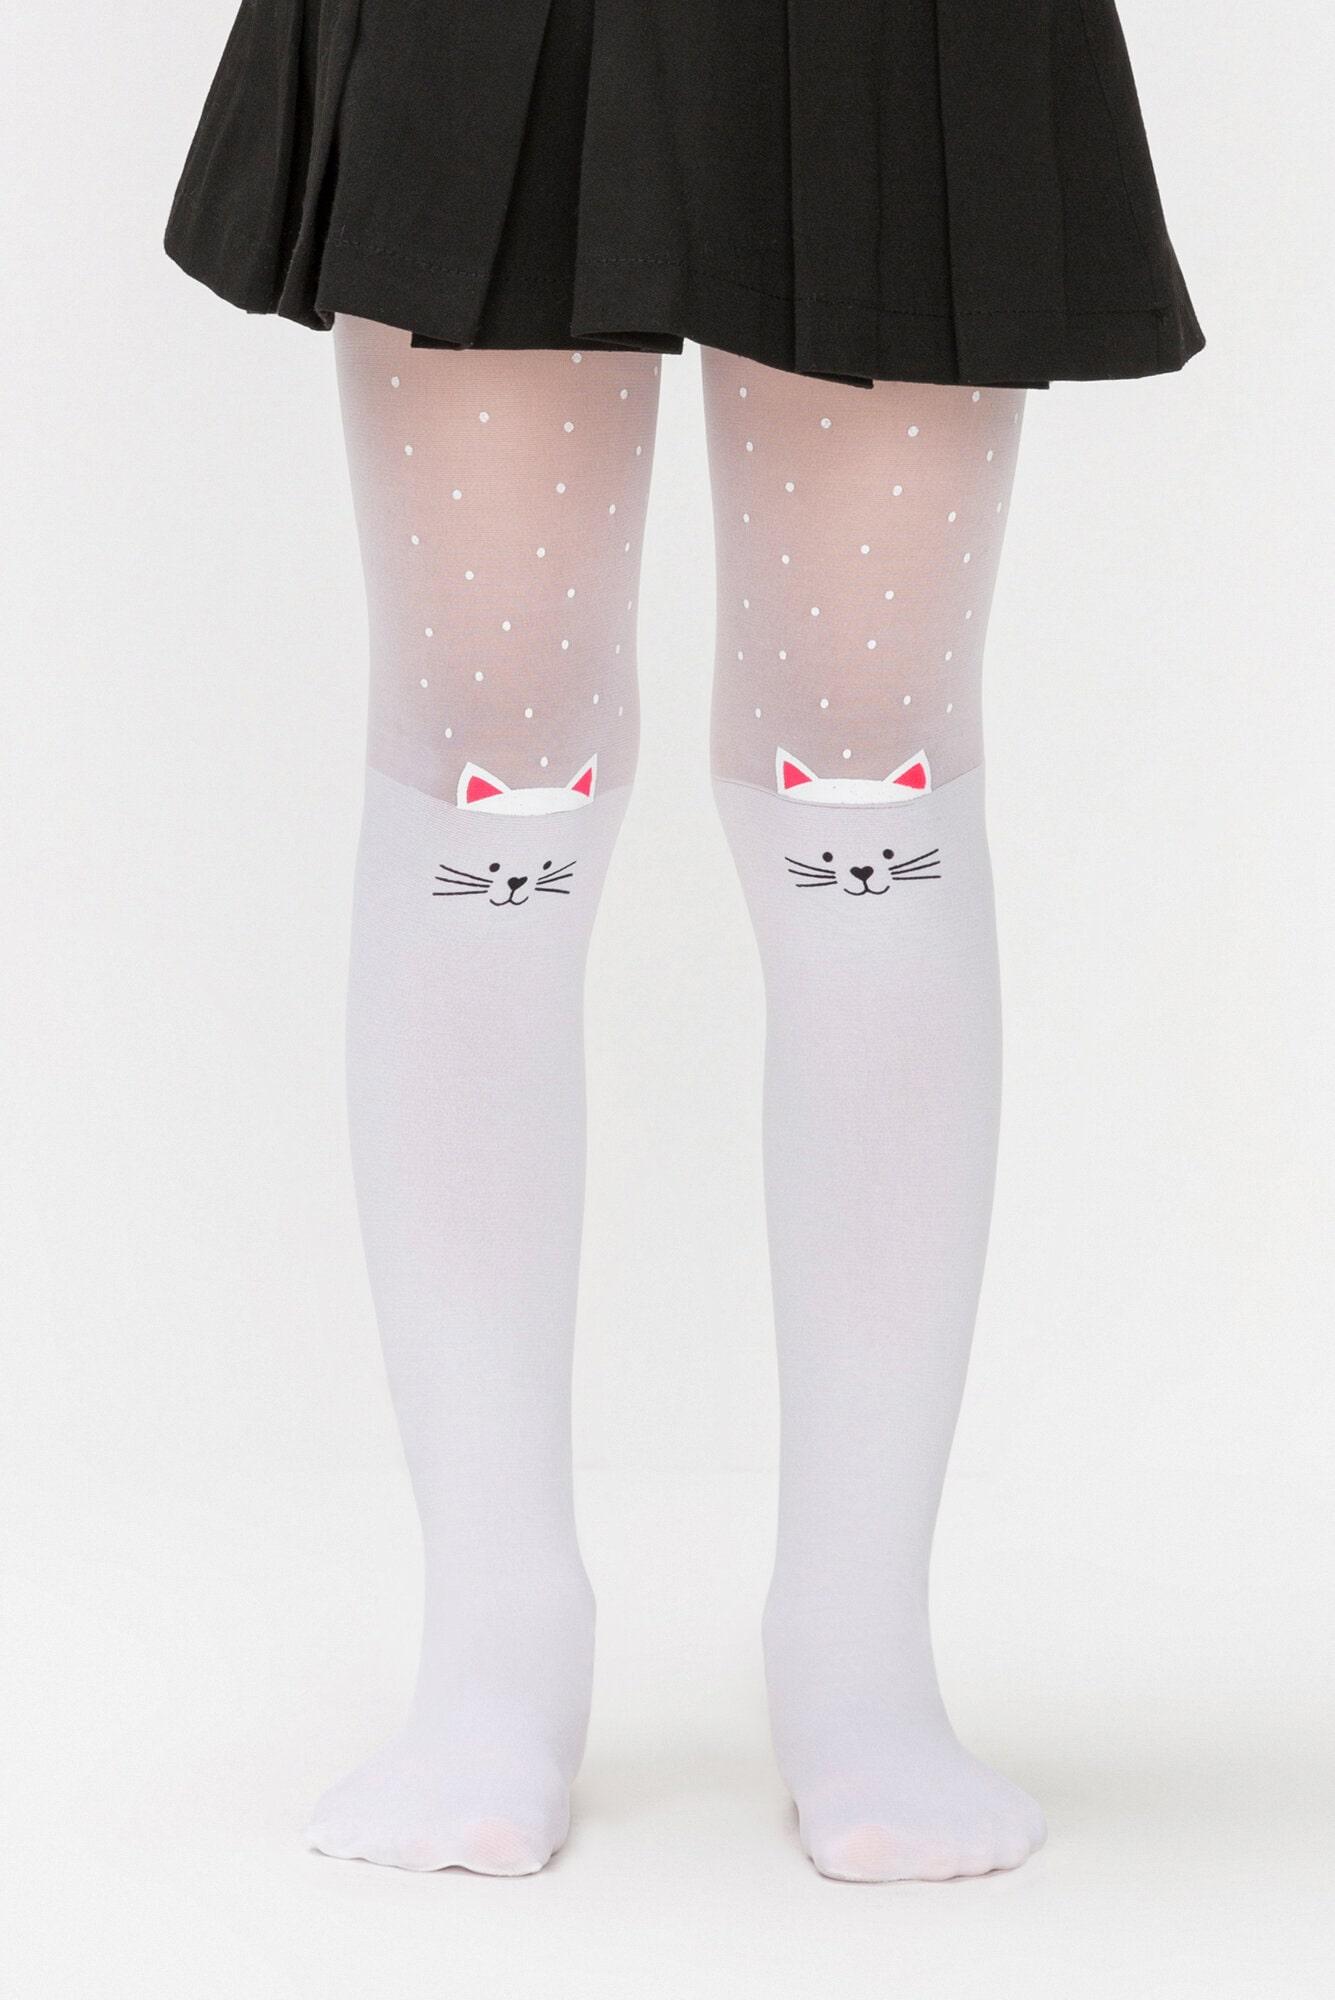 پنتی | Penti - جوراب شلواری طرحدار دخترانه پنتی Mühür سفید